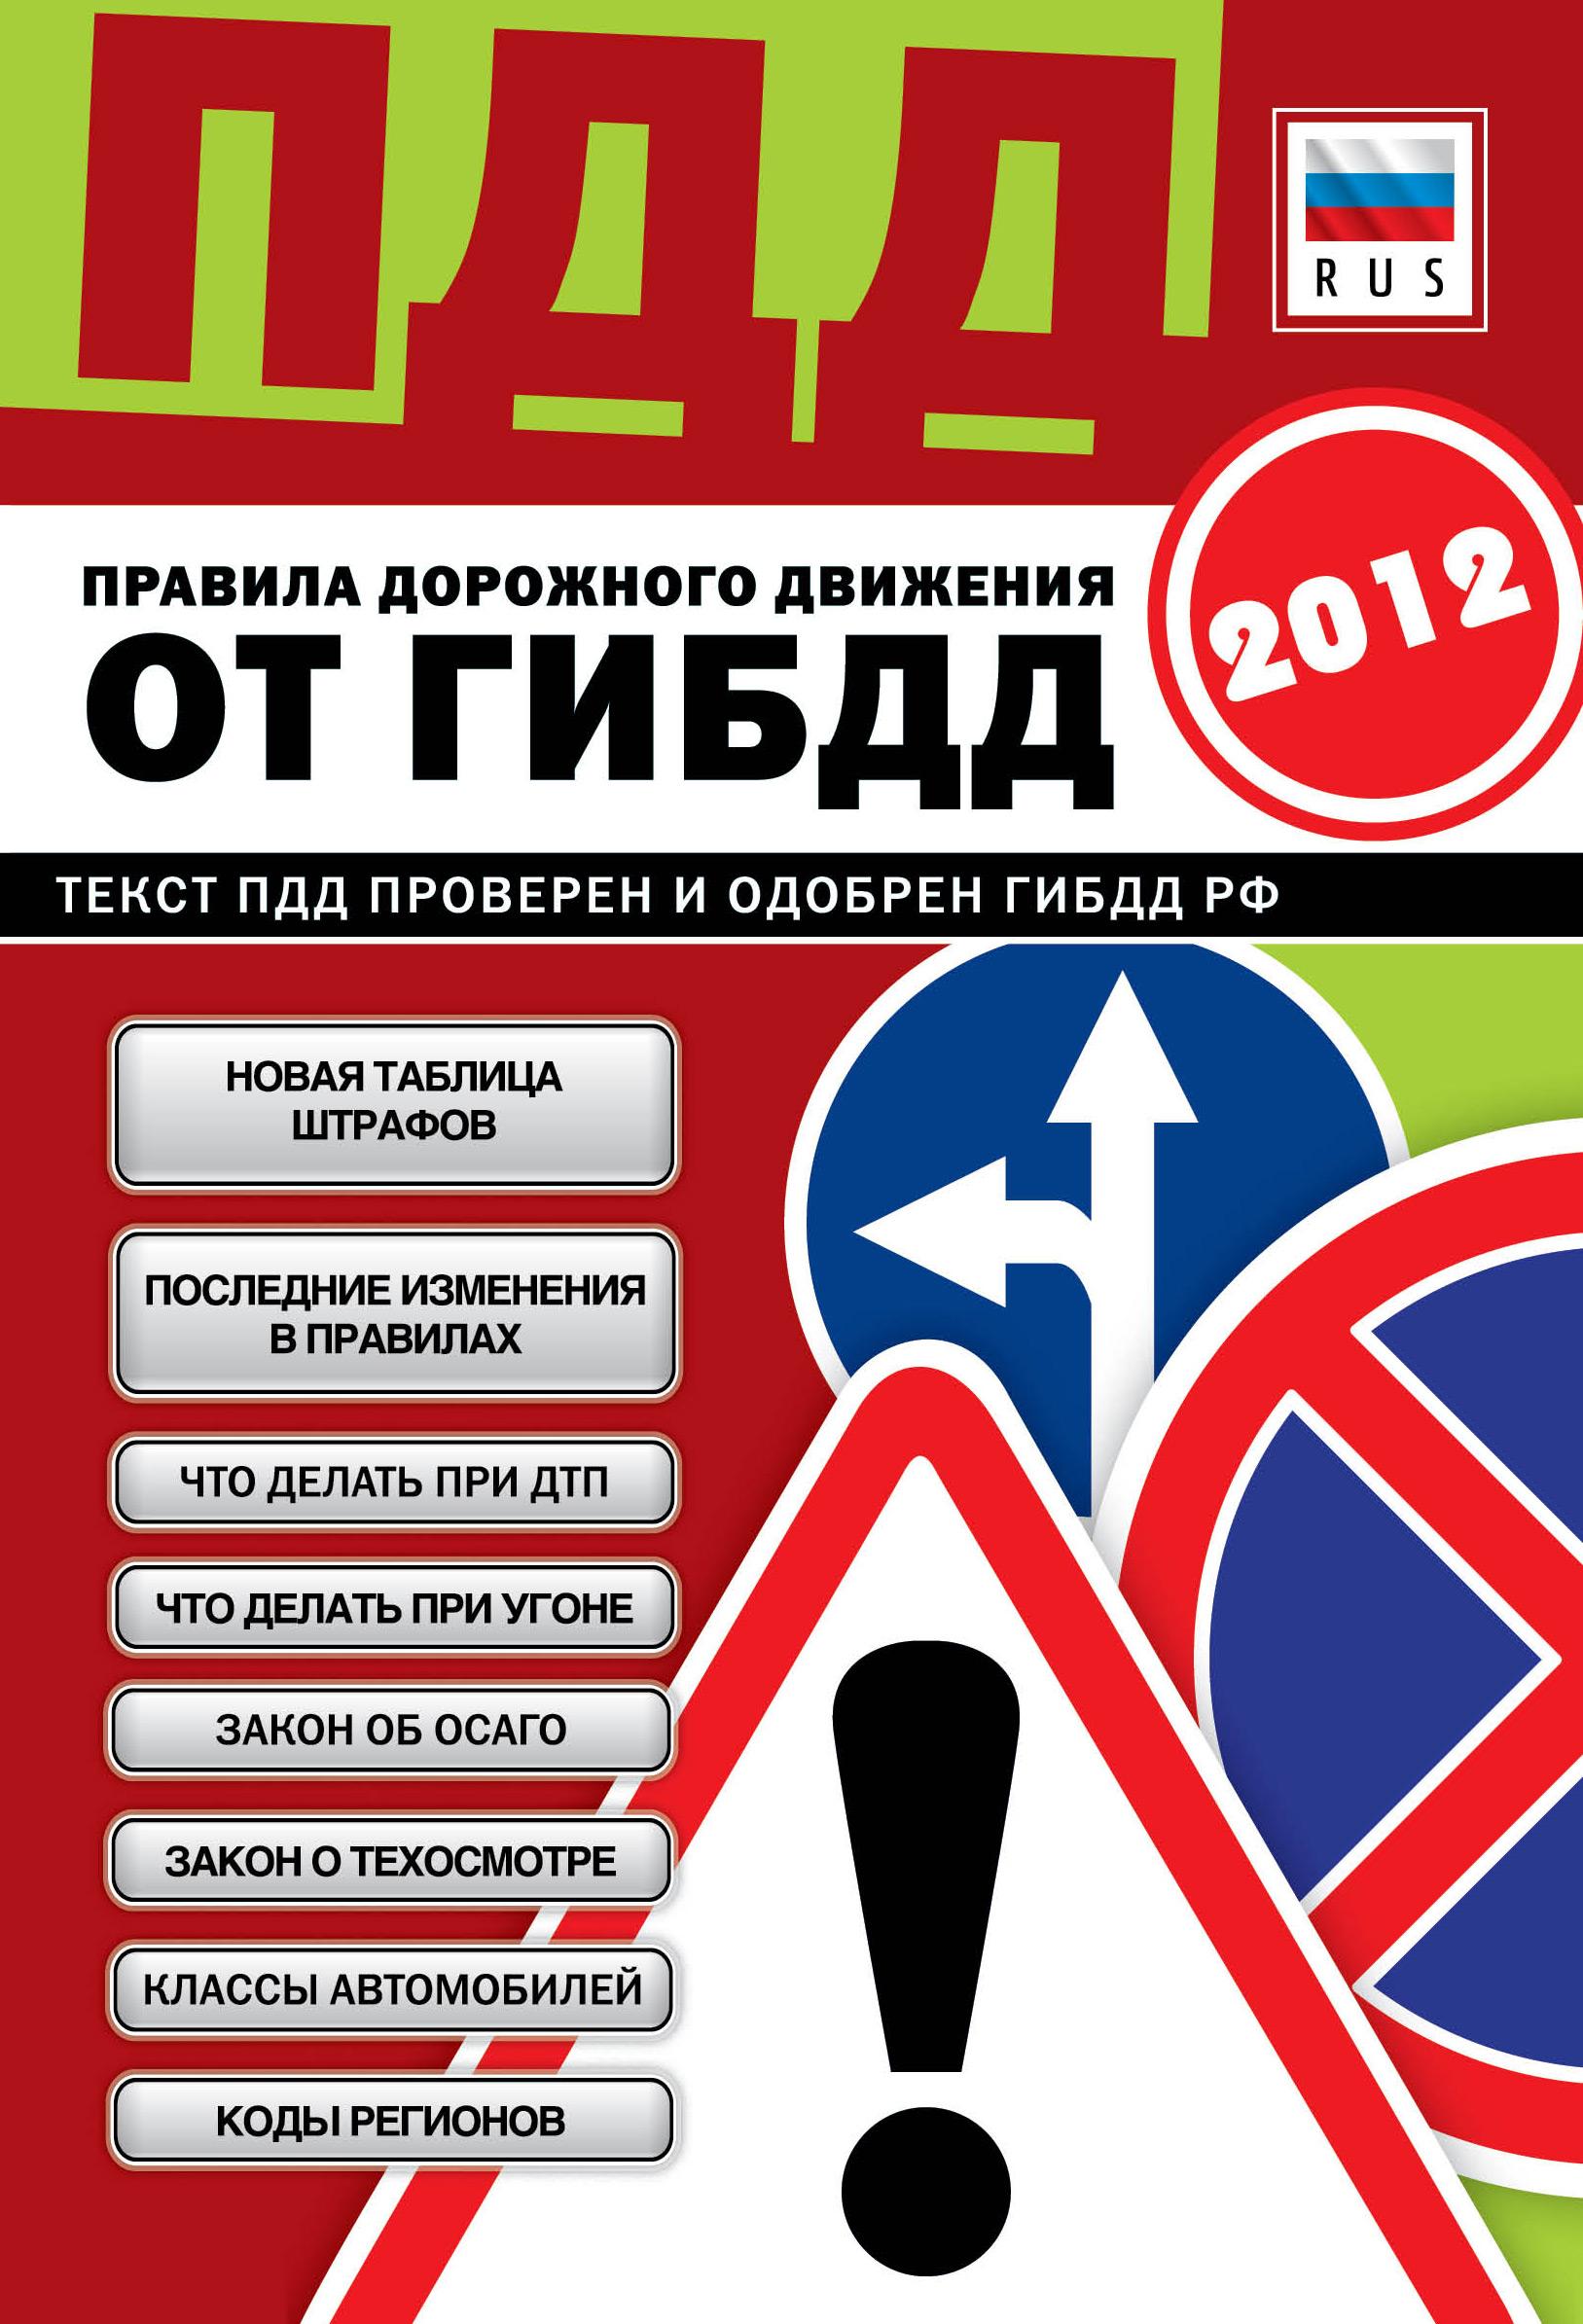 Отсутствует ПДД от ГИБДД РФ 2012. Со всеми изменениями в правилах и штрафах 2012 года